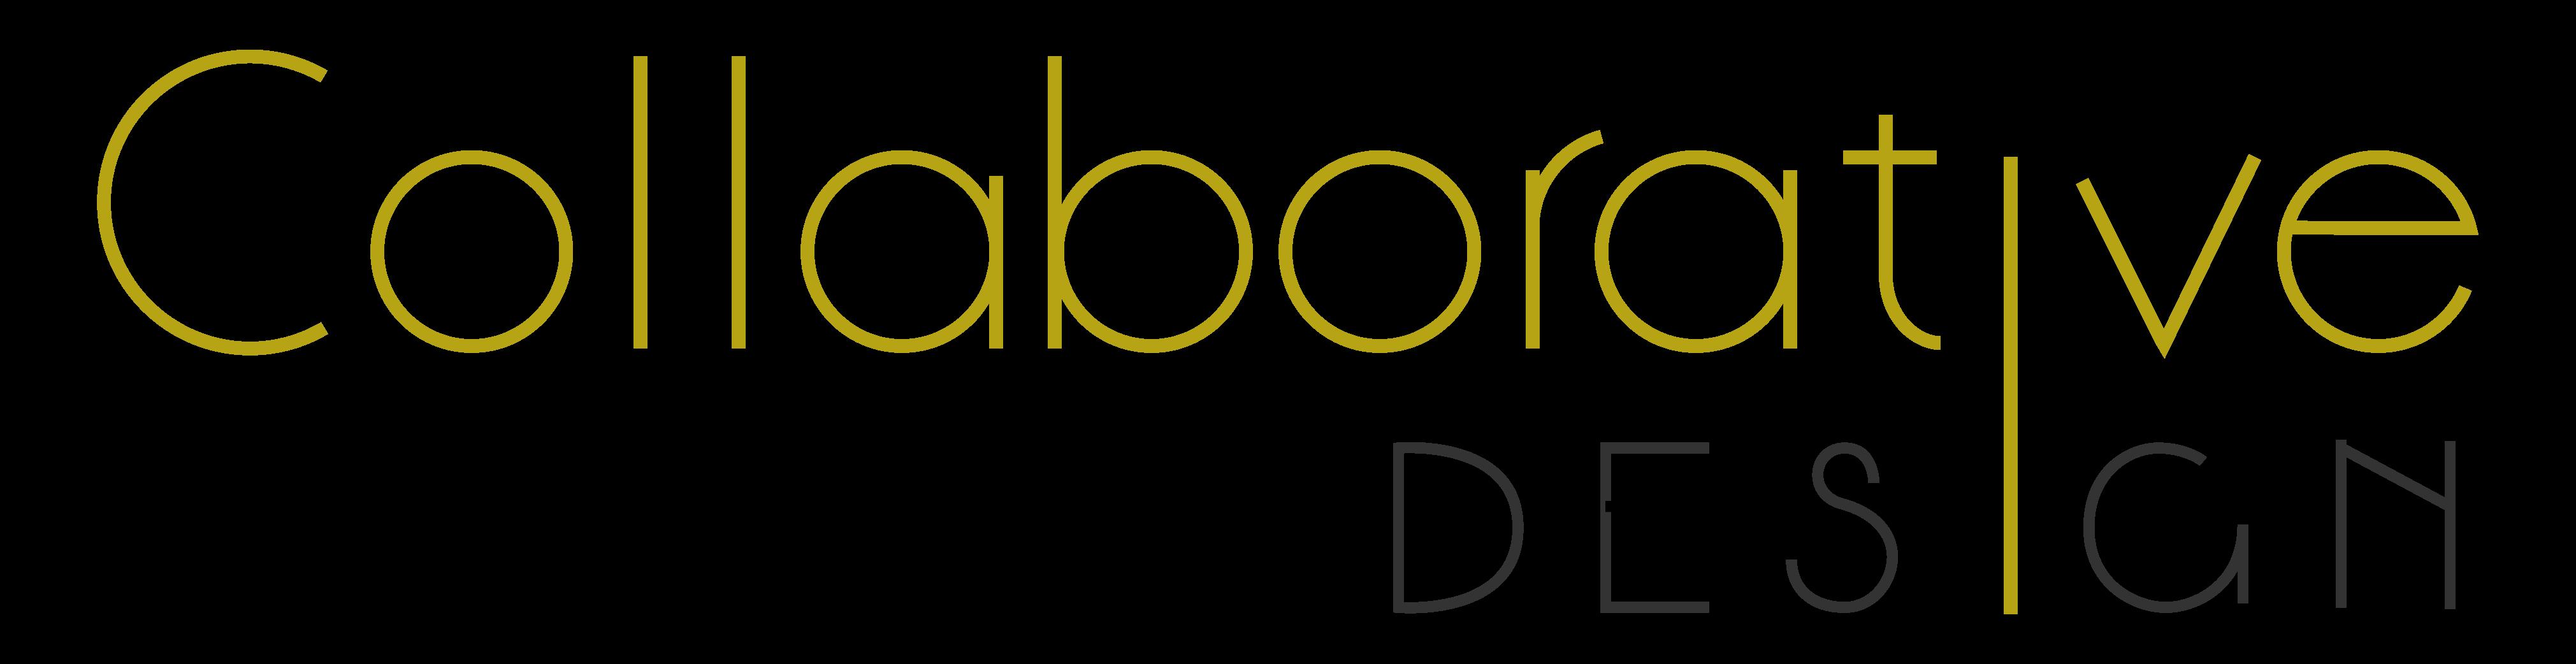 Collaborative Design Inc